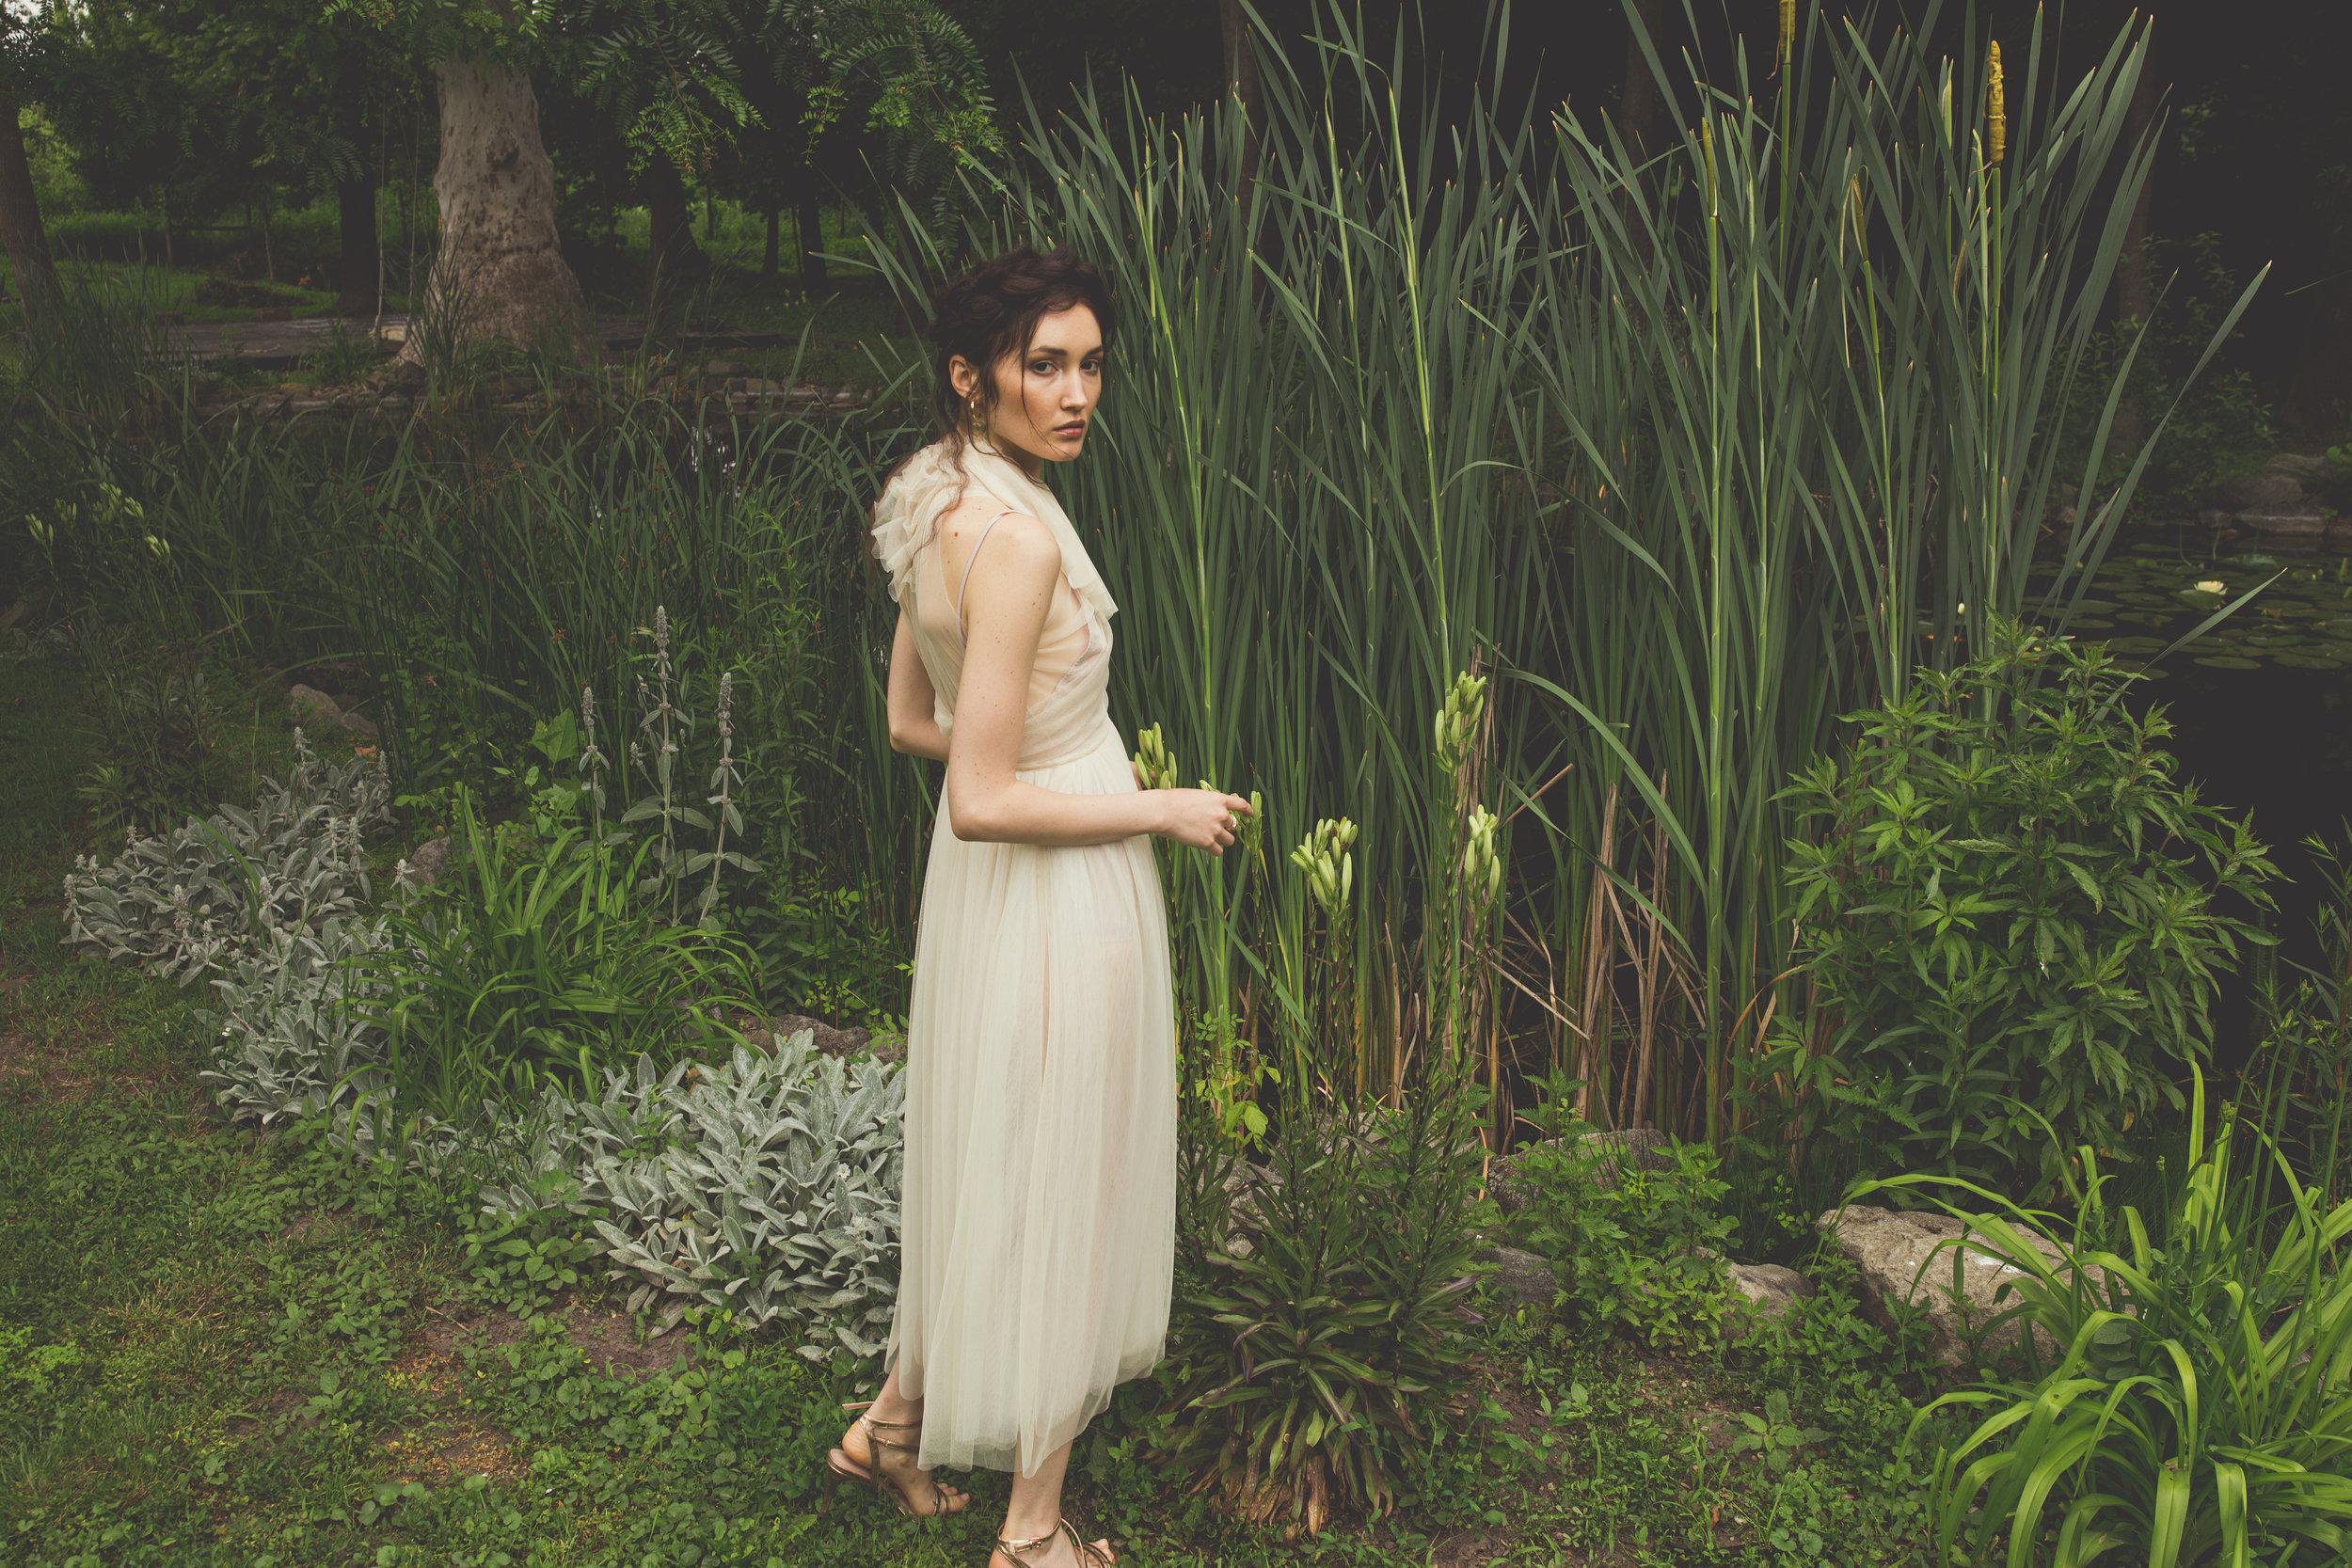 garden_pond-28.jpg